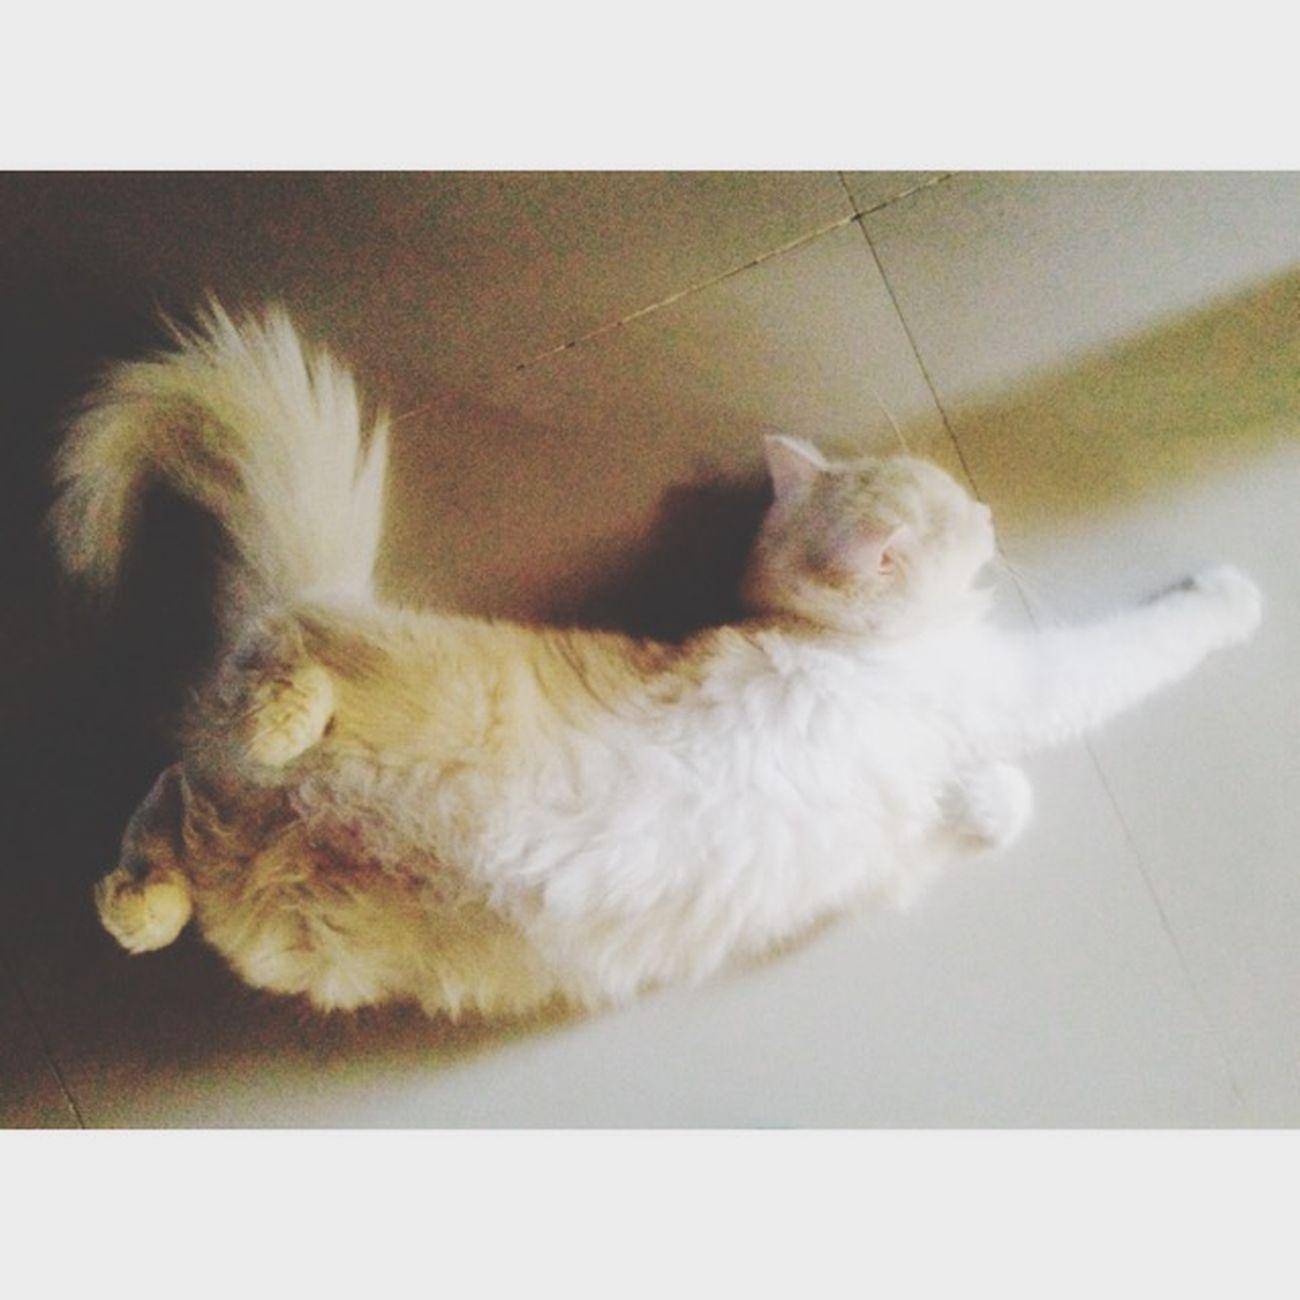 Lab lab shishuu ❤️😚 Persiancat ILoveThis Relaxing Boooring Vscocam